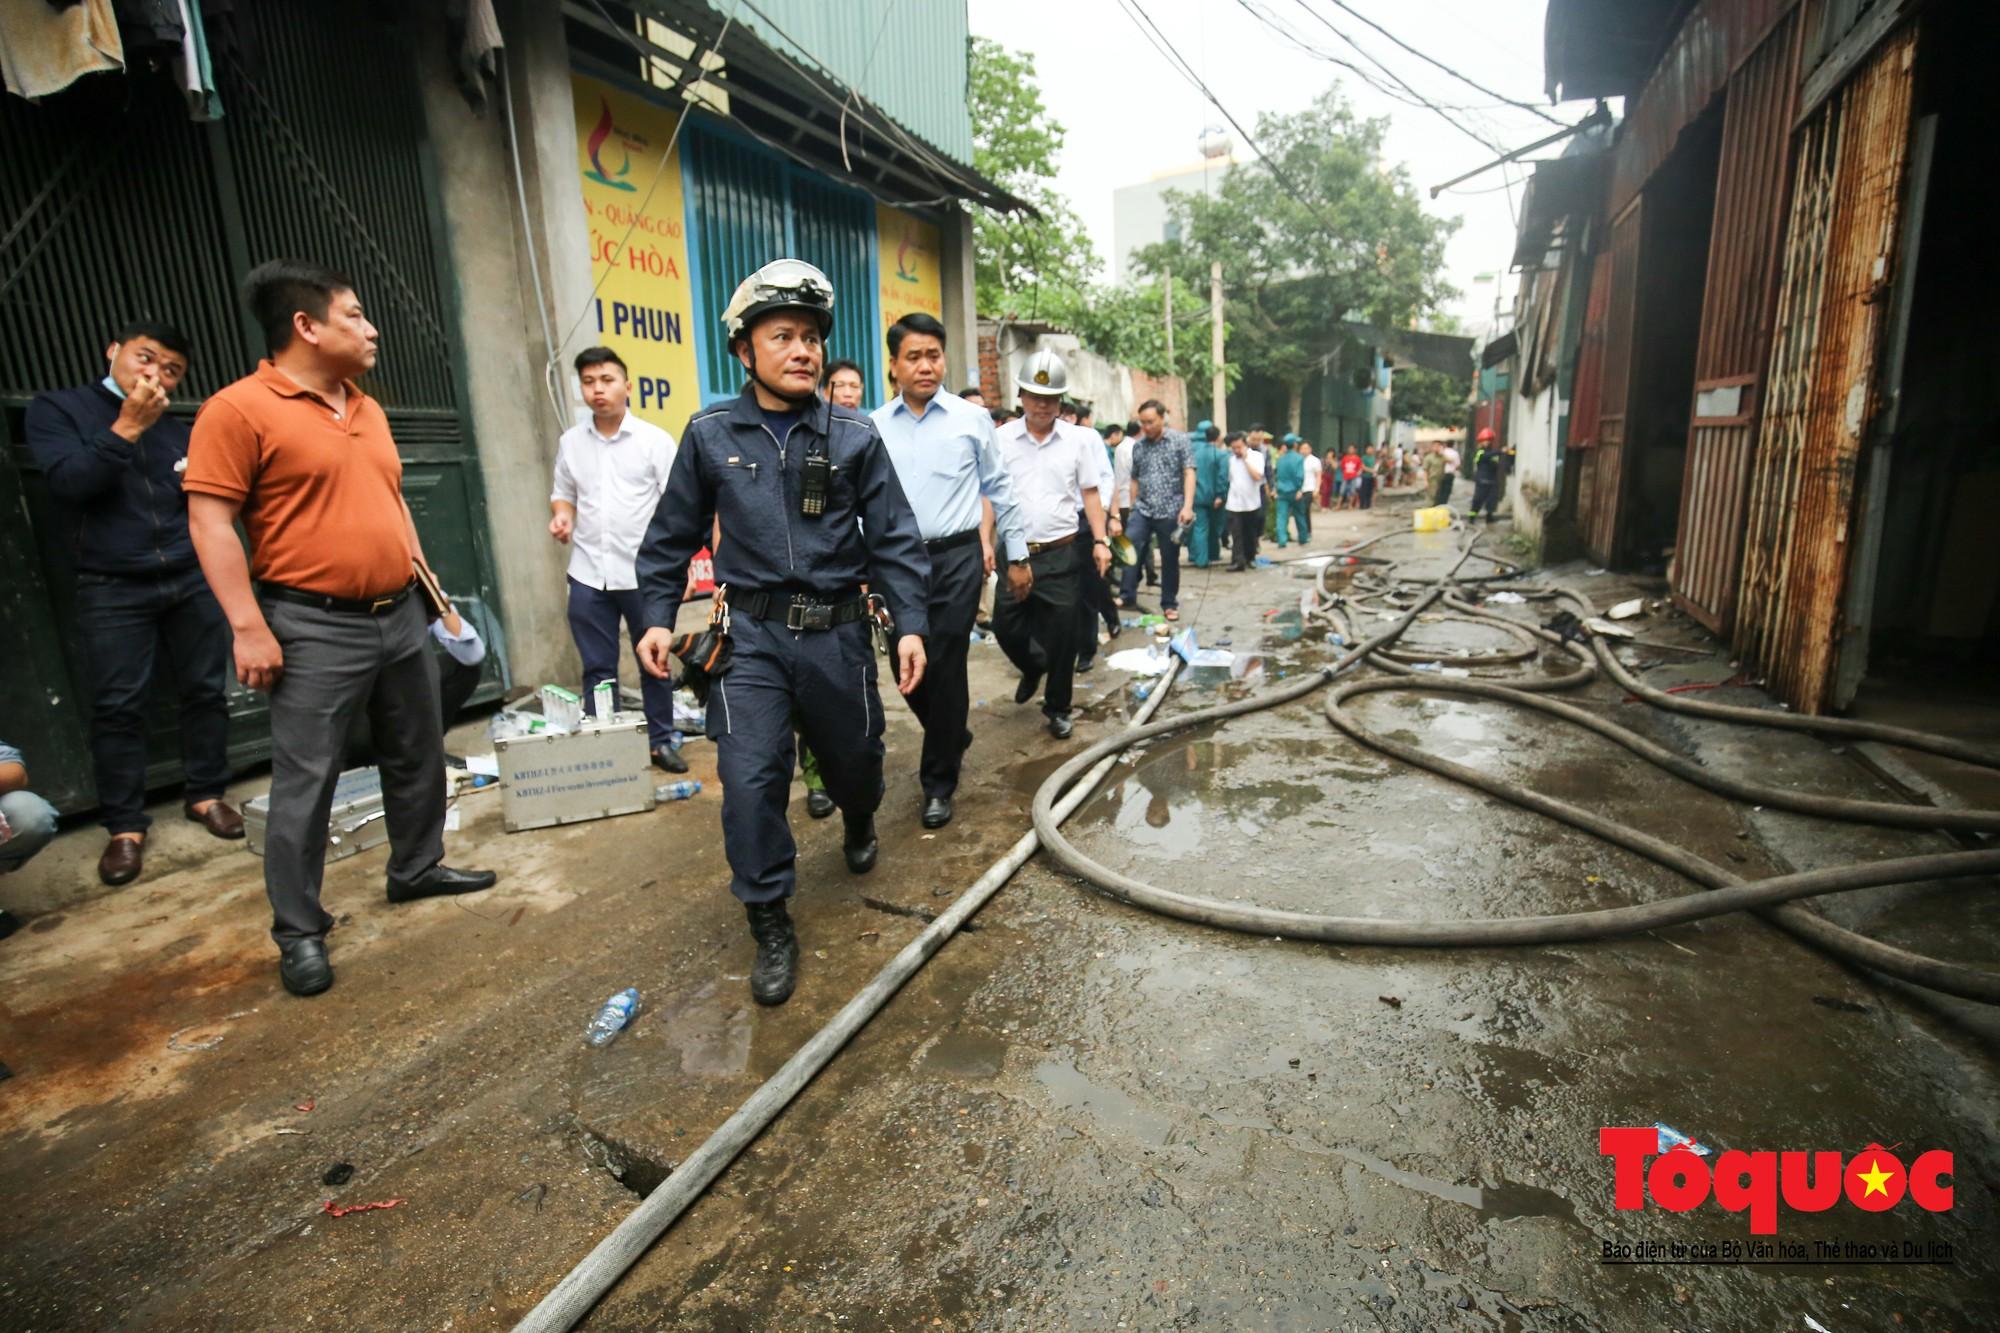 Cận cảnh hiện trường vụ Cháy thảm khốc ở Trung Văn, 8 người chết và mất tích - Ảnh 2.